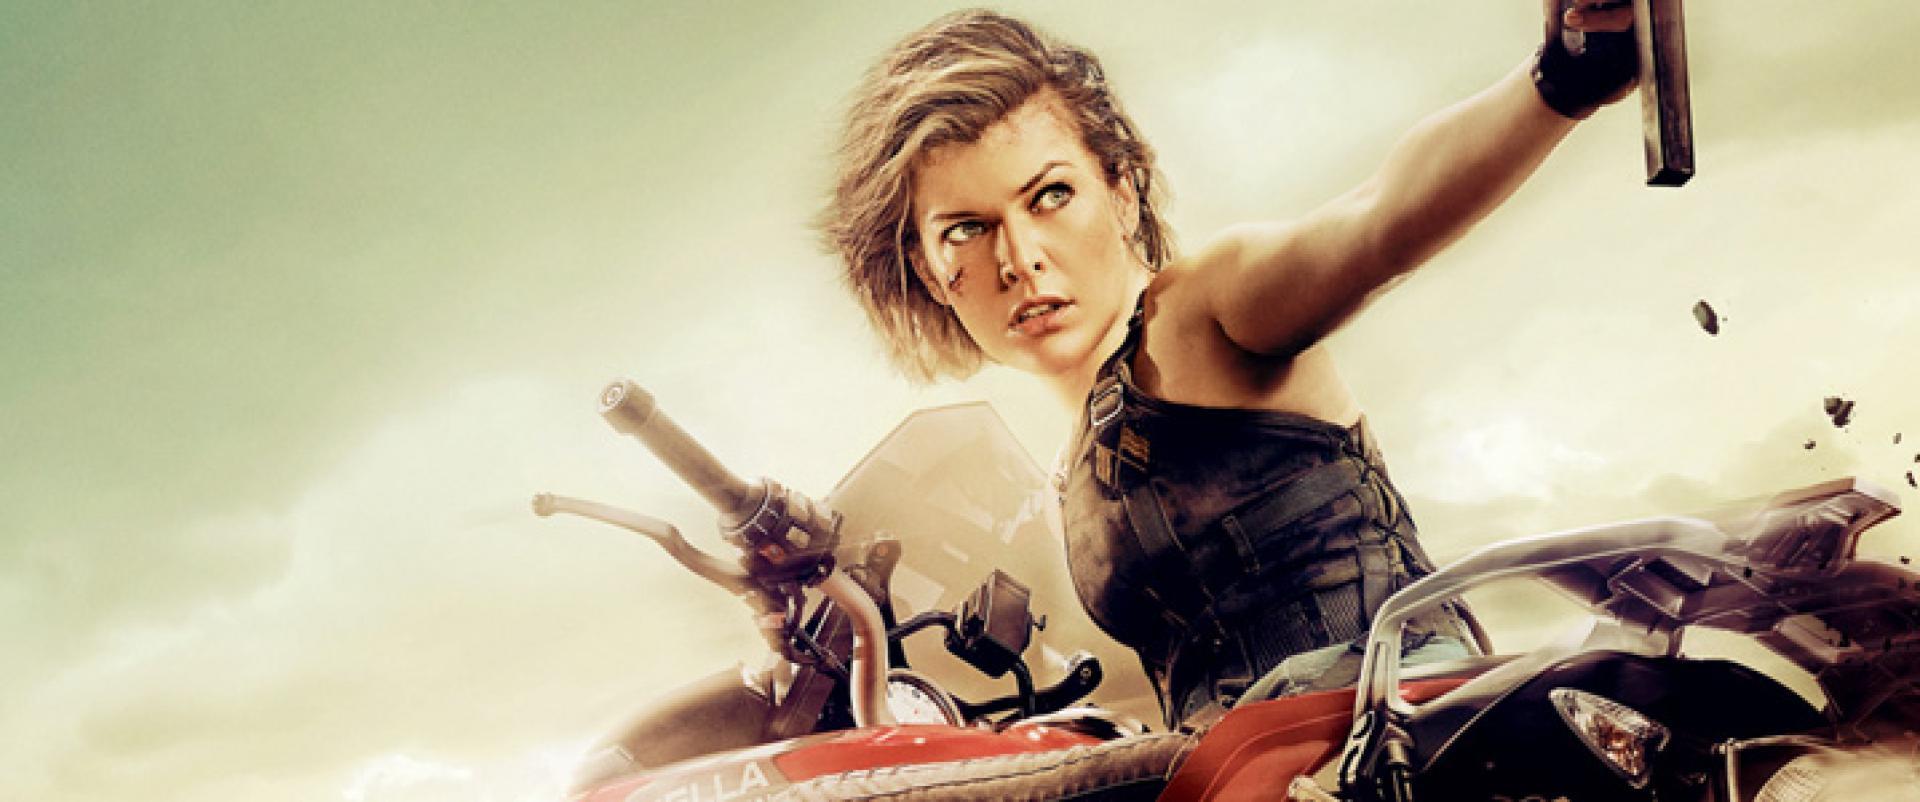 Resident Evil: The Final Chapter - A Kaptár: Utolsó fejezet (2016)